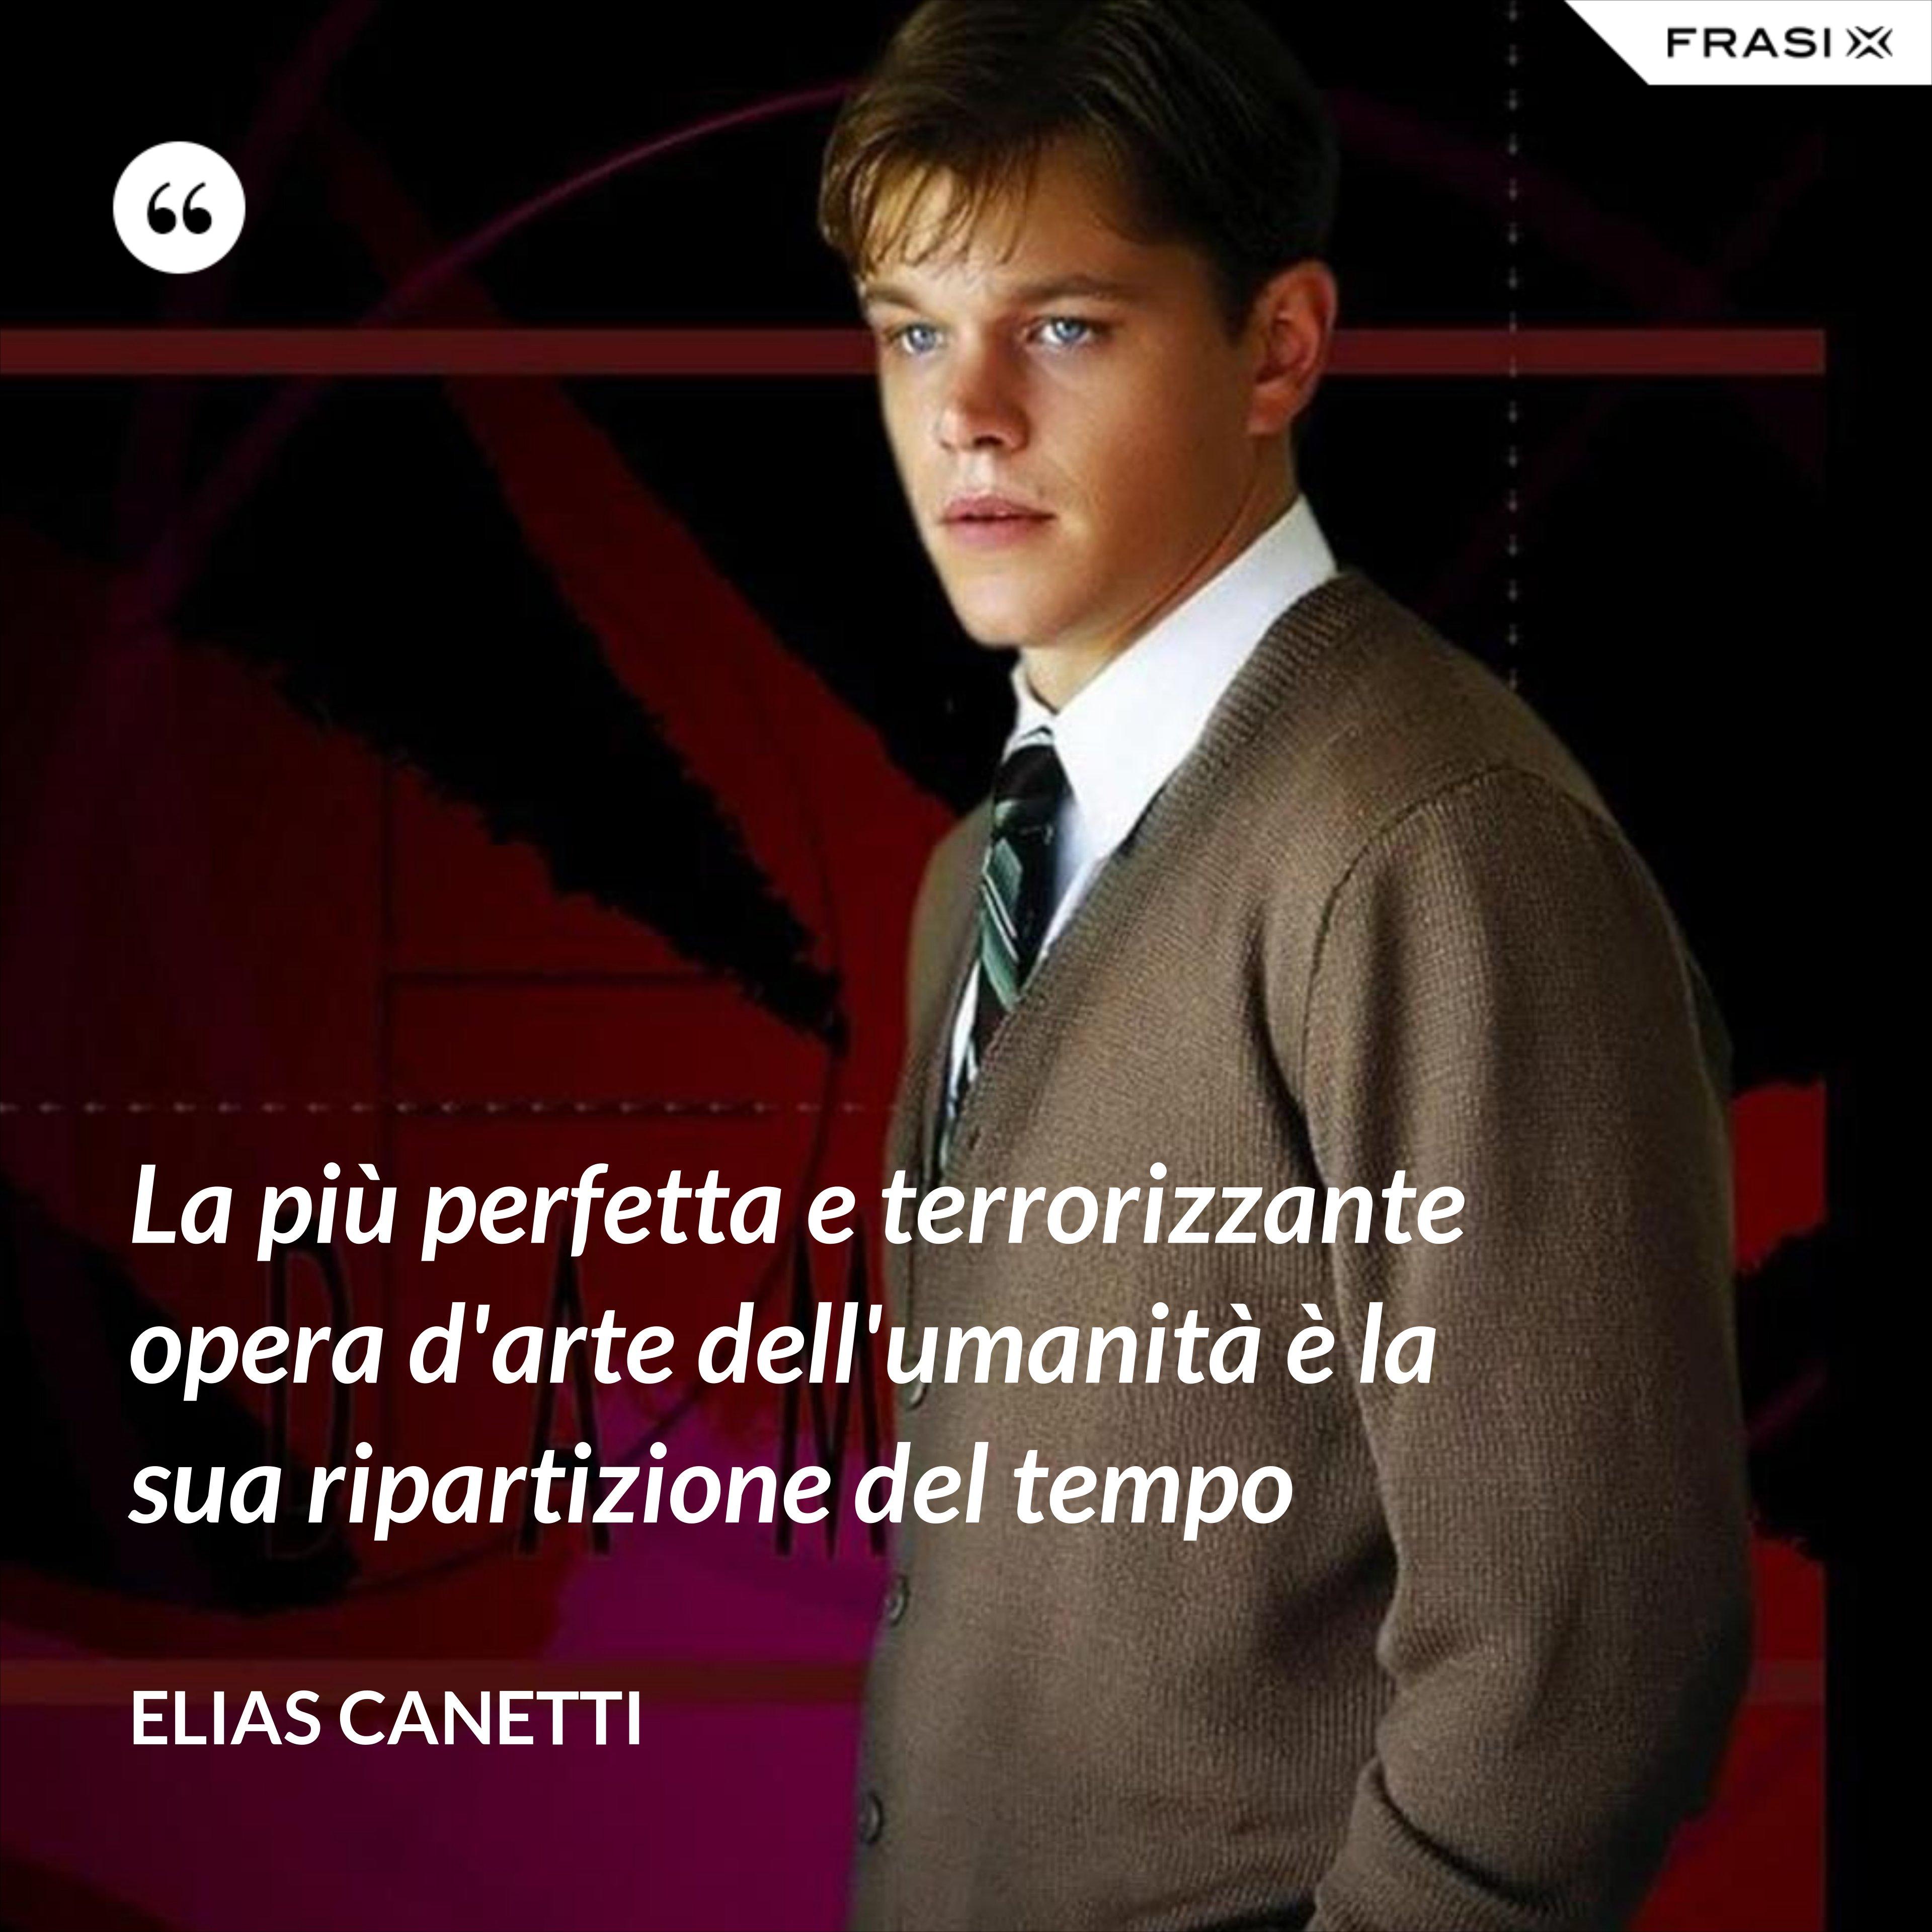 La più perfetta e terrorizzante opera d'arte dell'umanità è la sua ripartizione del tempo - Elias Canetti